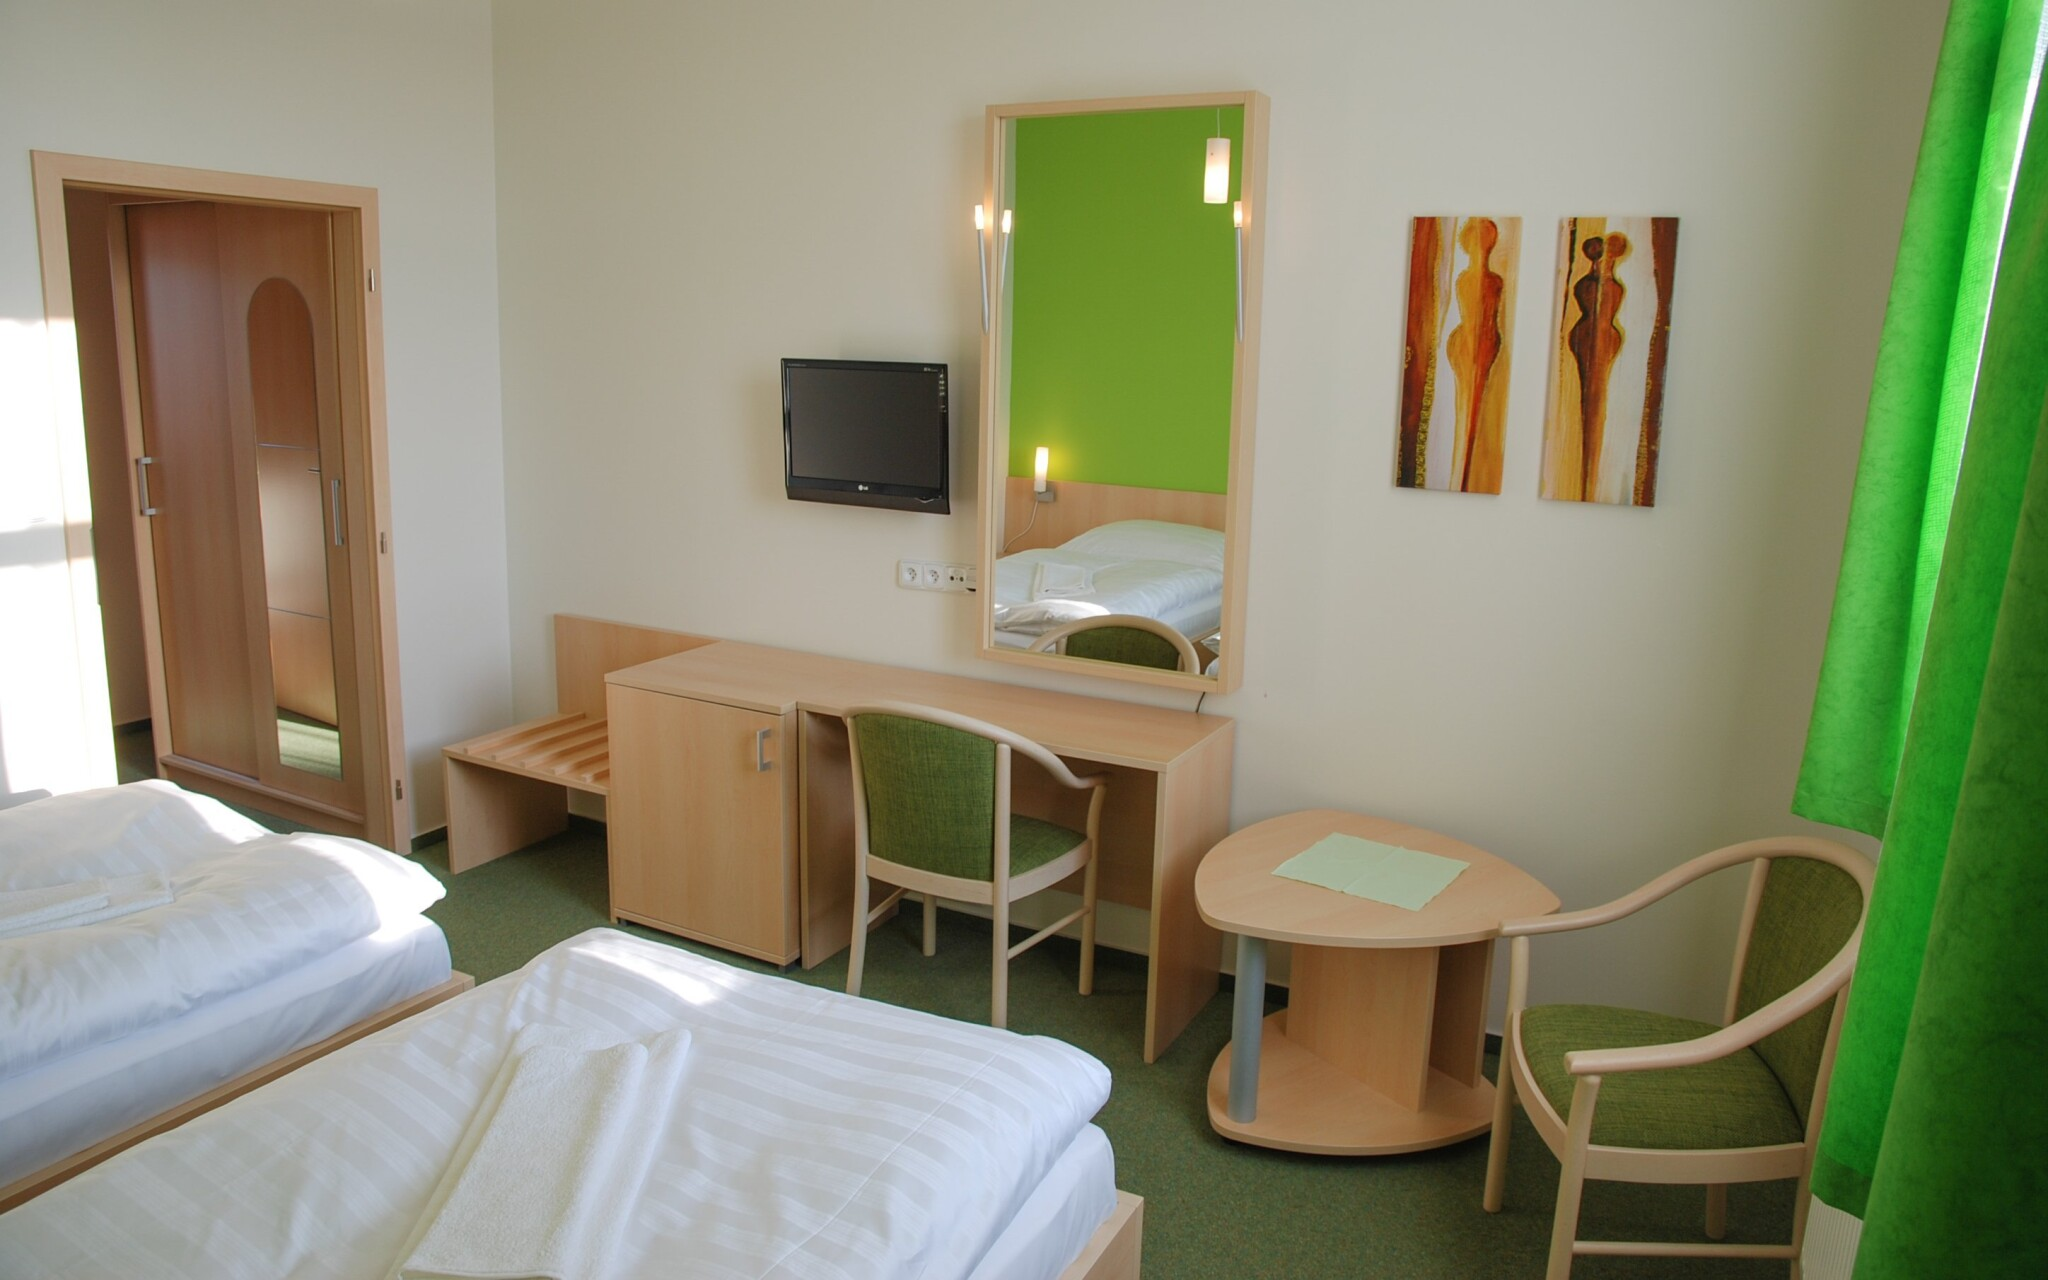 Izby s komfortnými posteľami, Hotel Senimo, Olomouc